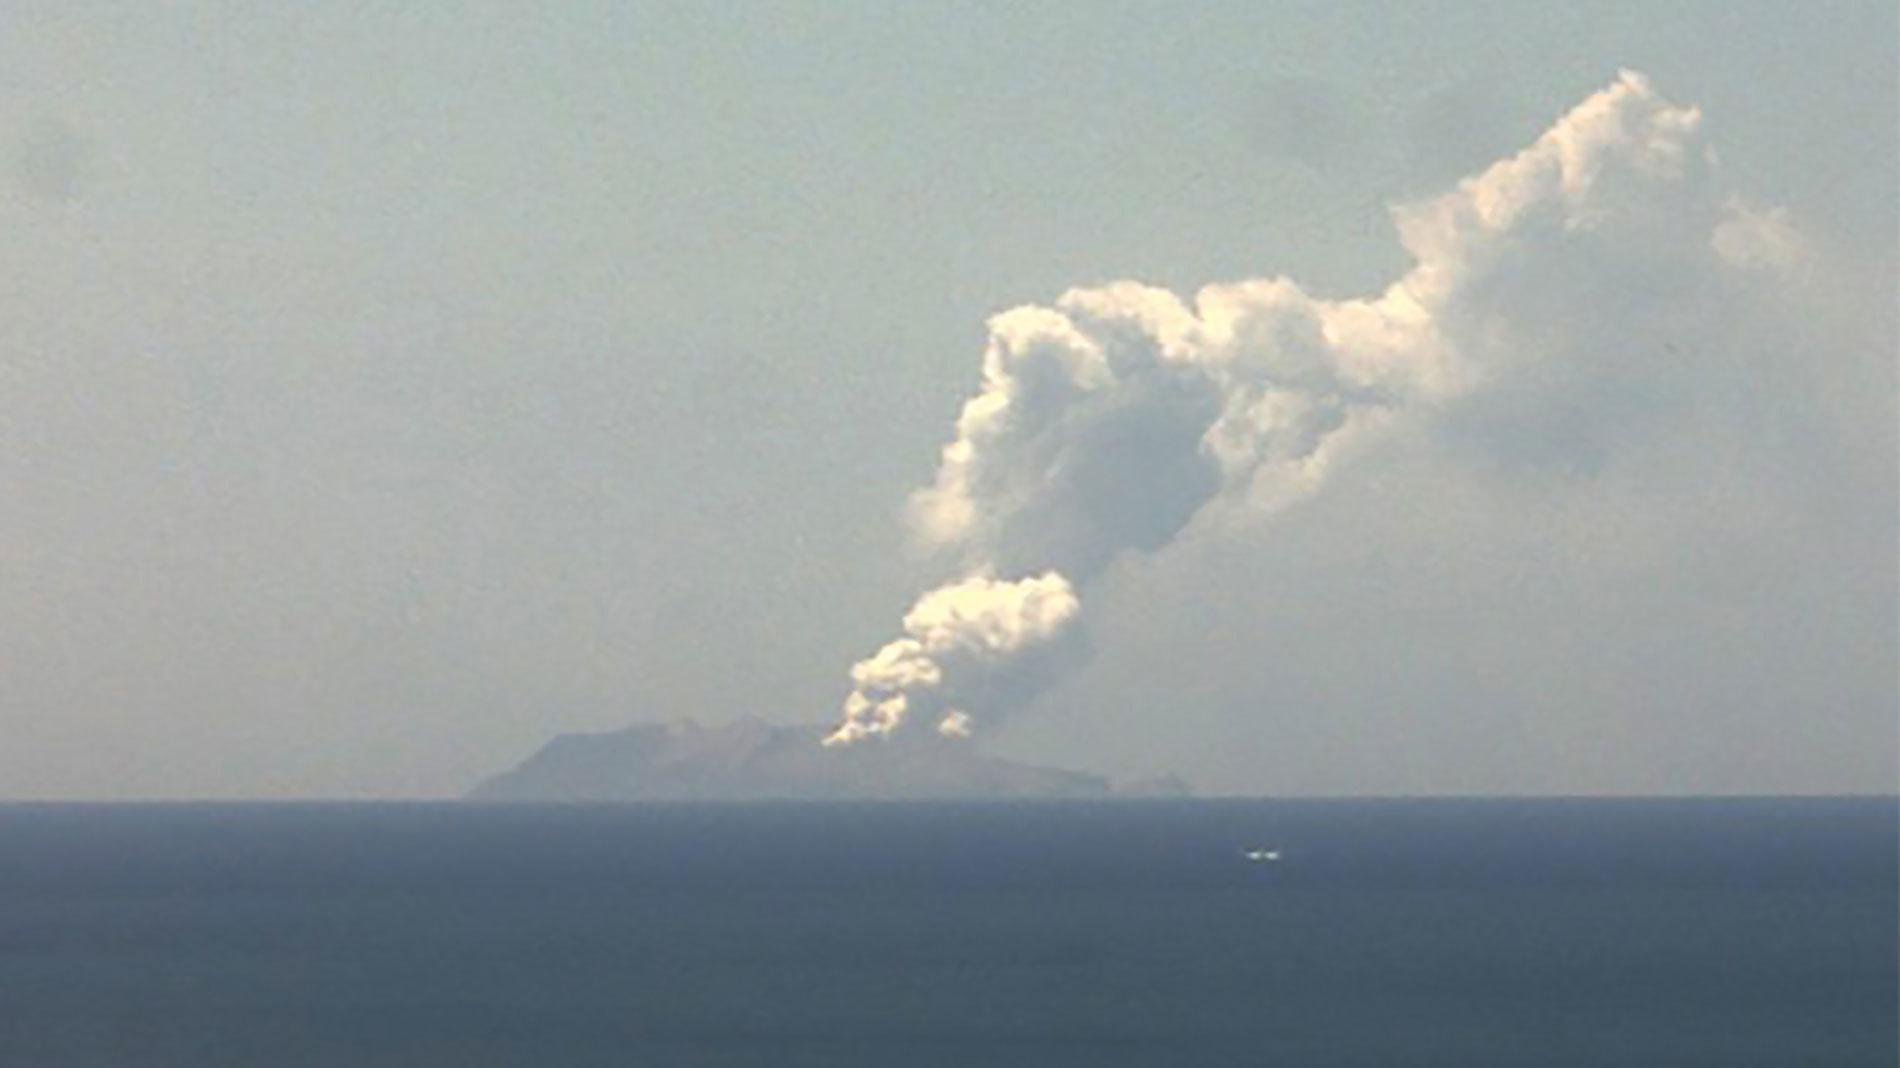 في الصور ، يمكنك رؤية عمود الدخان الضخم الذي يأتي من المرجل ، والتي يقول الخبراء إنها وصلت إلى ارتفاع 3000 متر